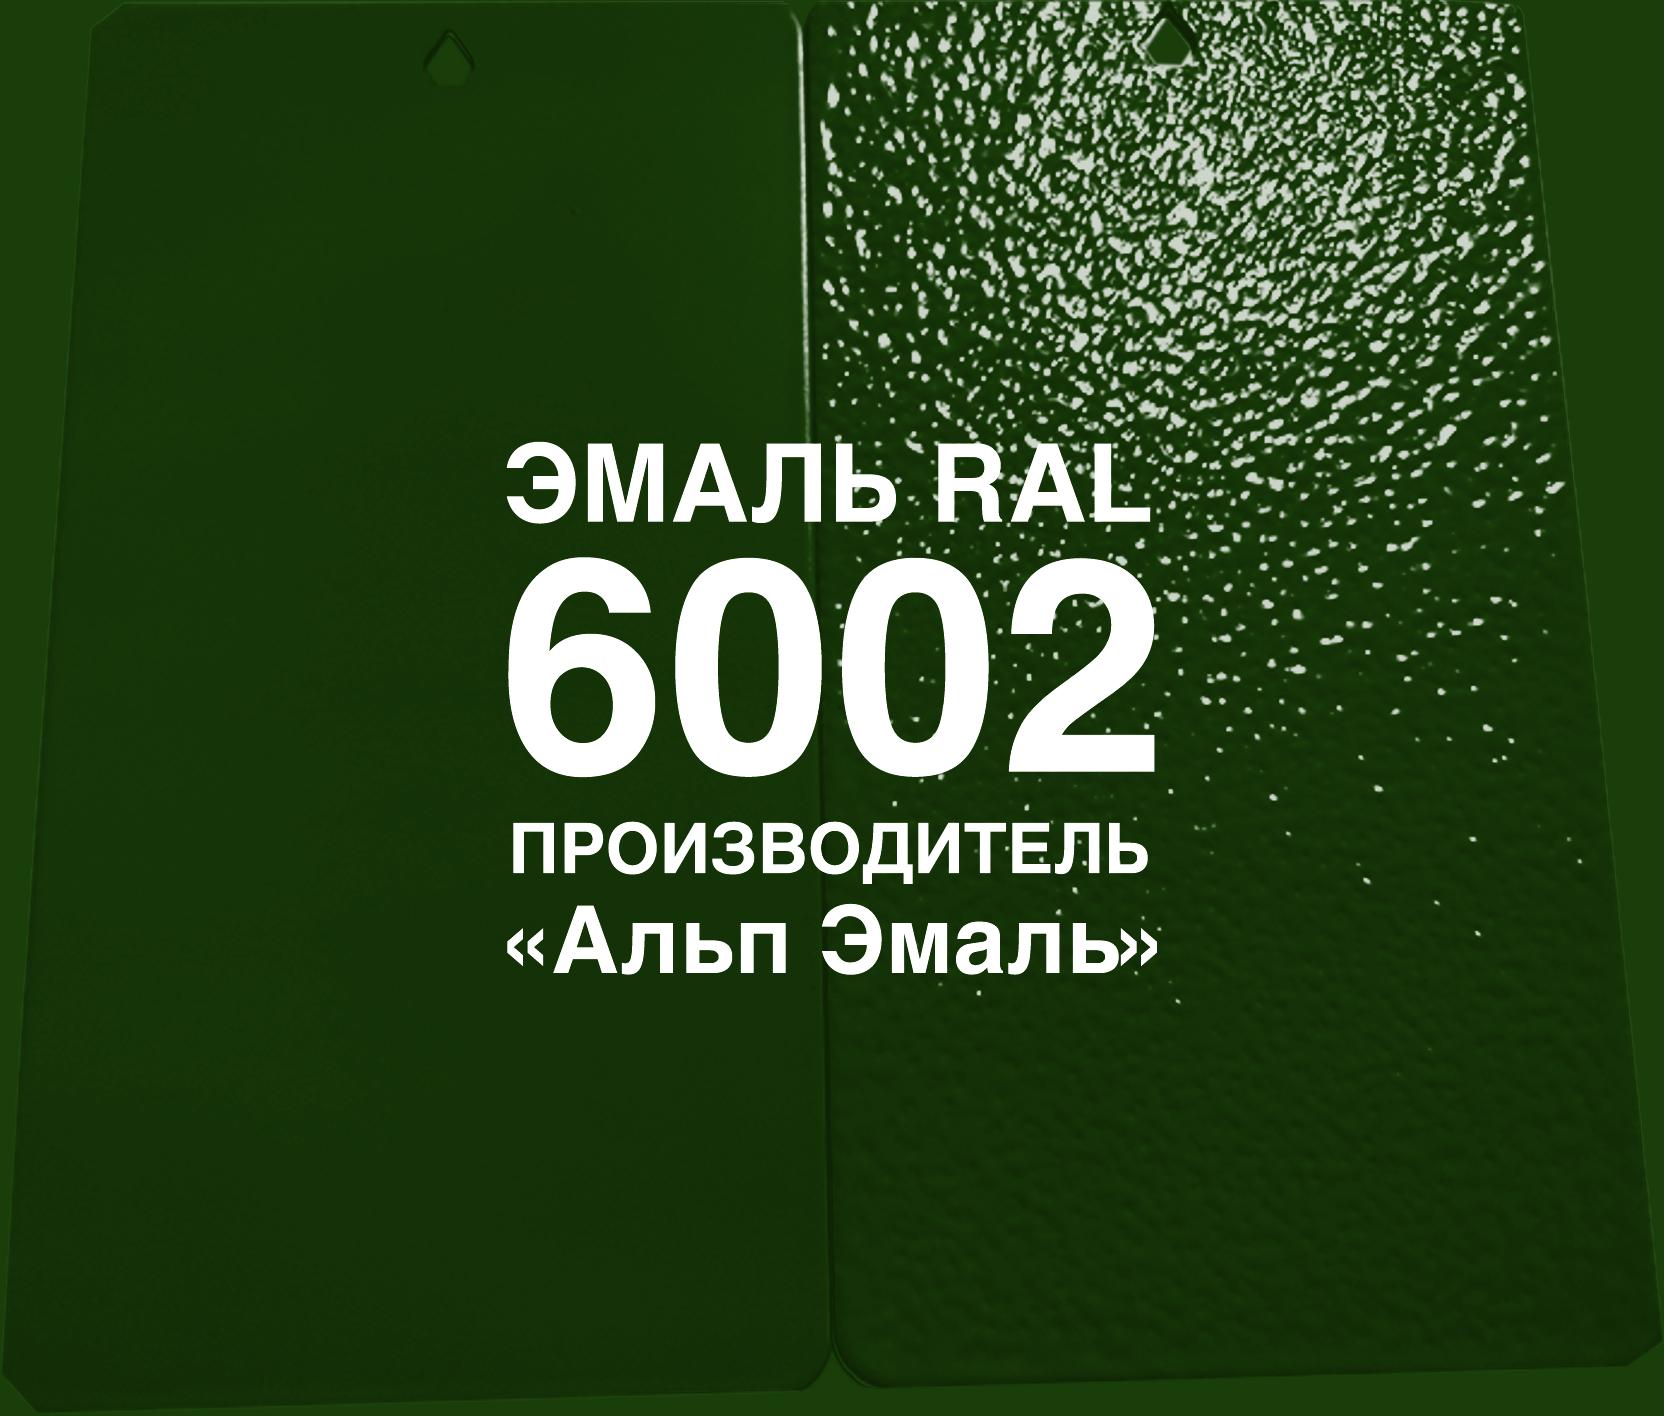 Краска эмаль RAL 6002 зеленая ЗАО Альп Эмаль